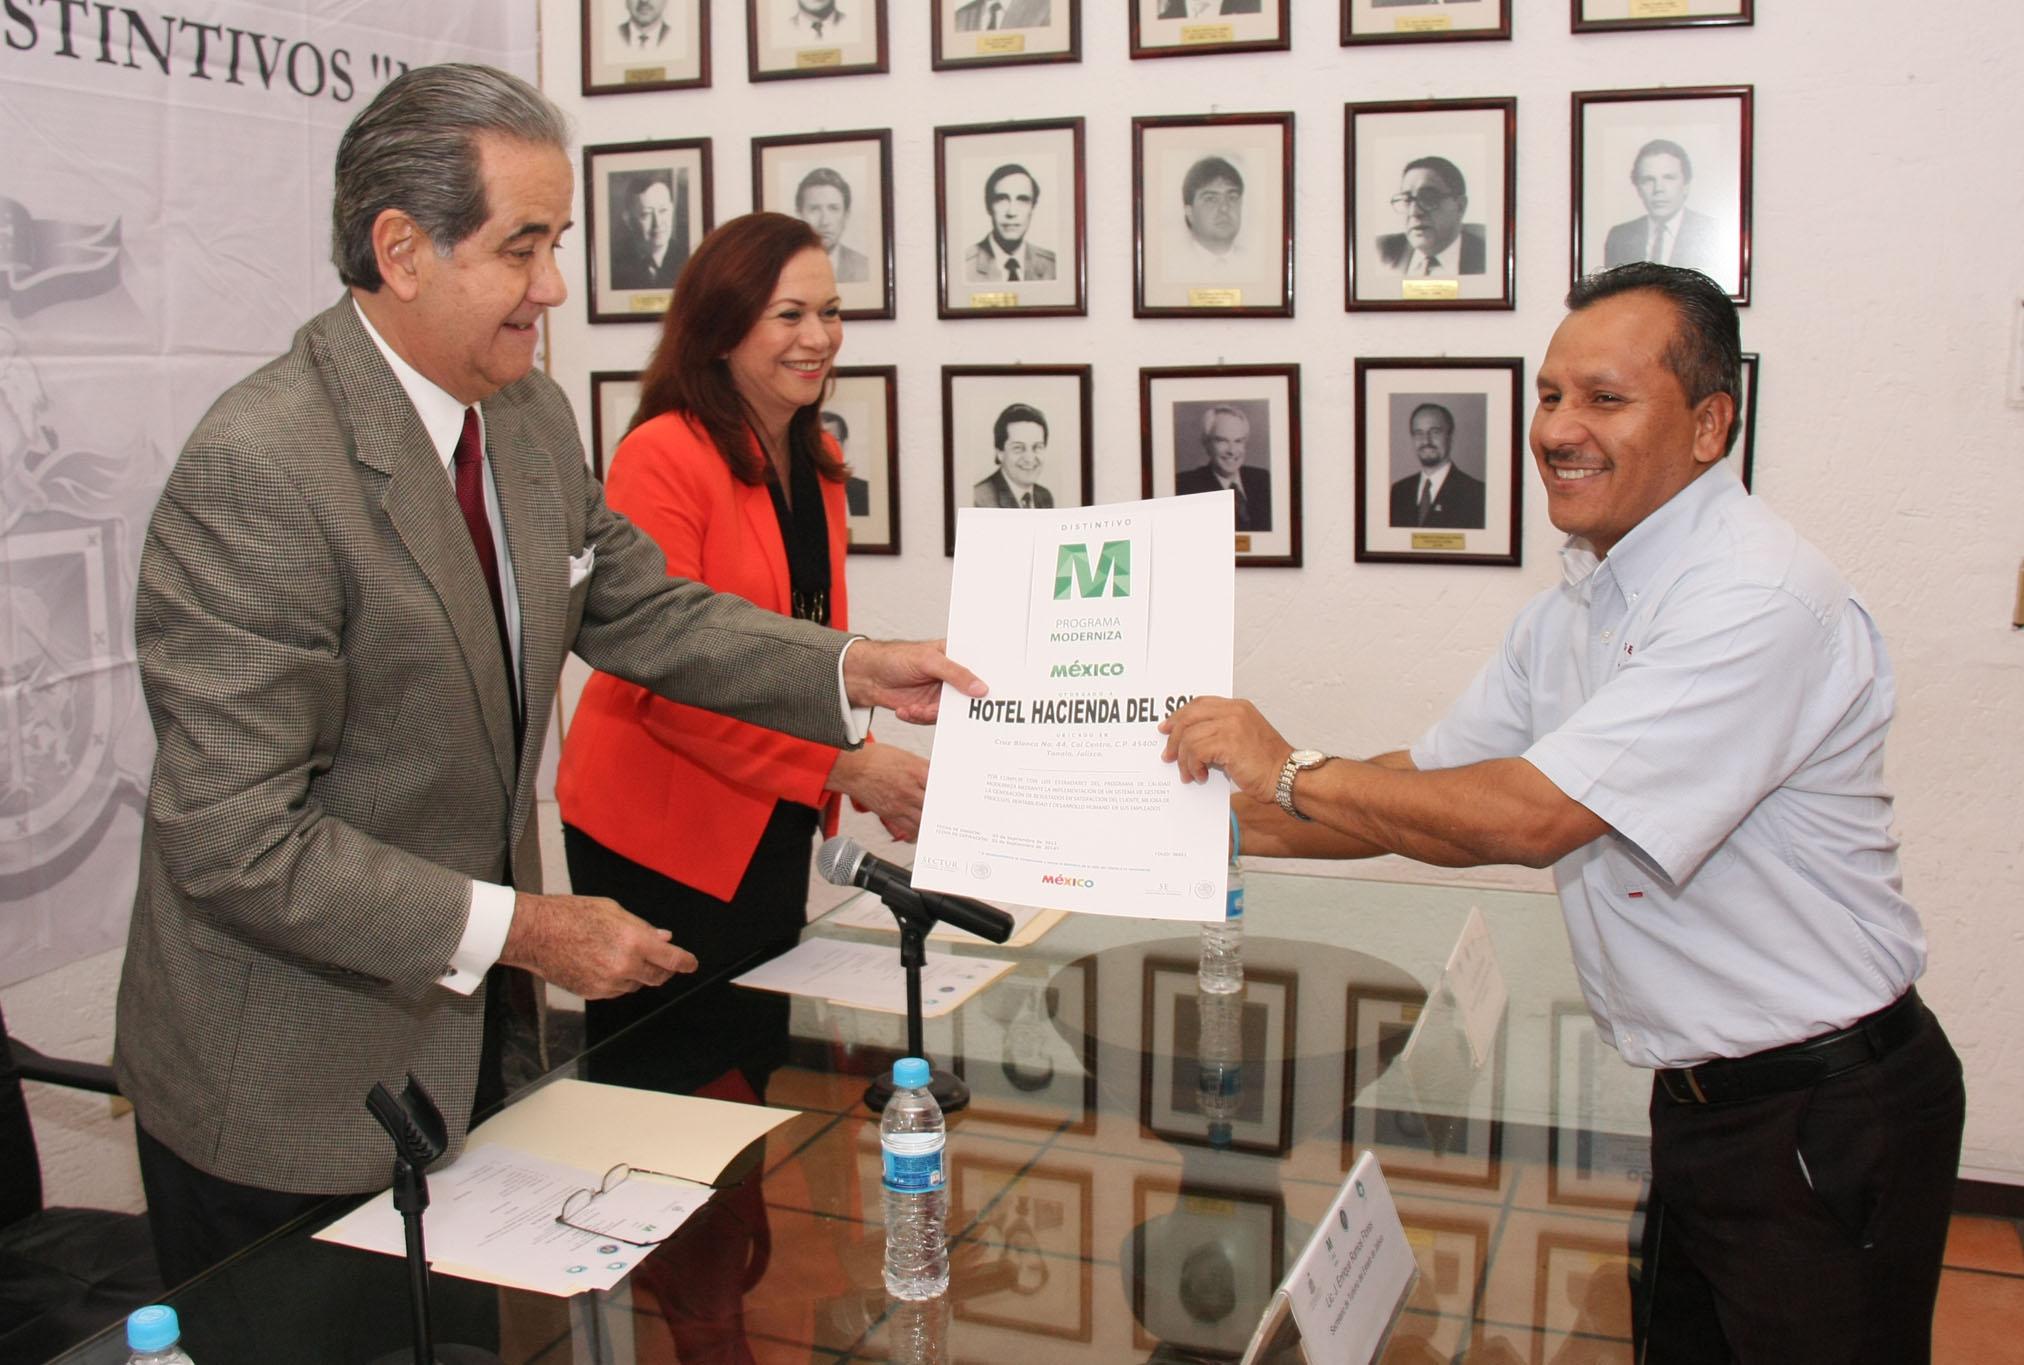 Reconoce SECTURJAL labor de prestadores de servicios turísticos en Jalisco